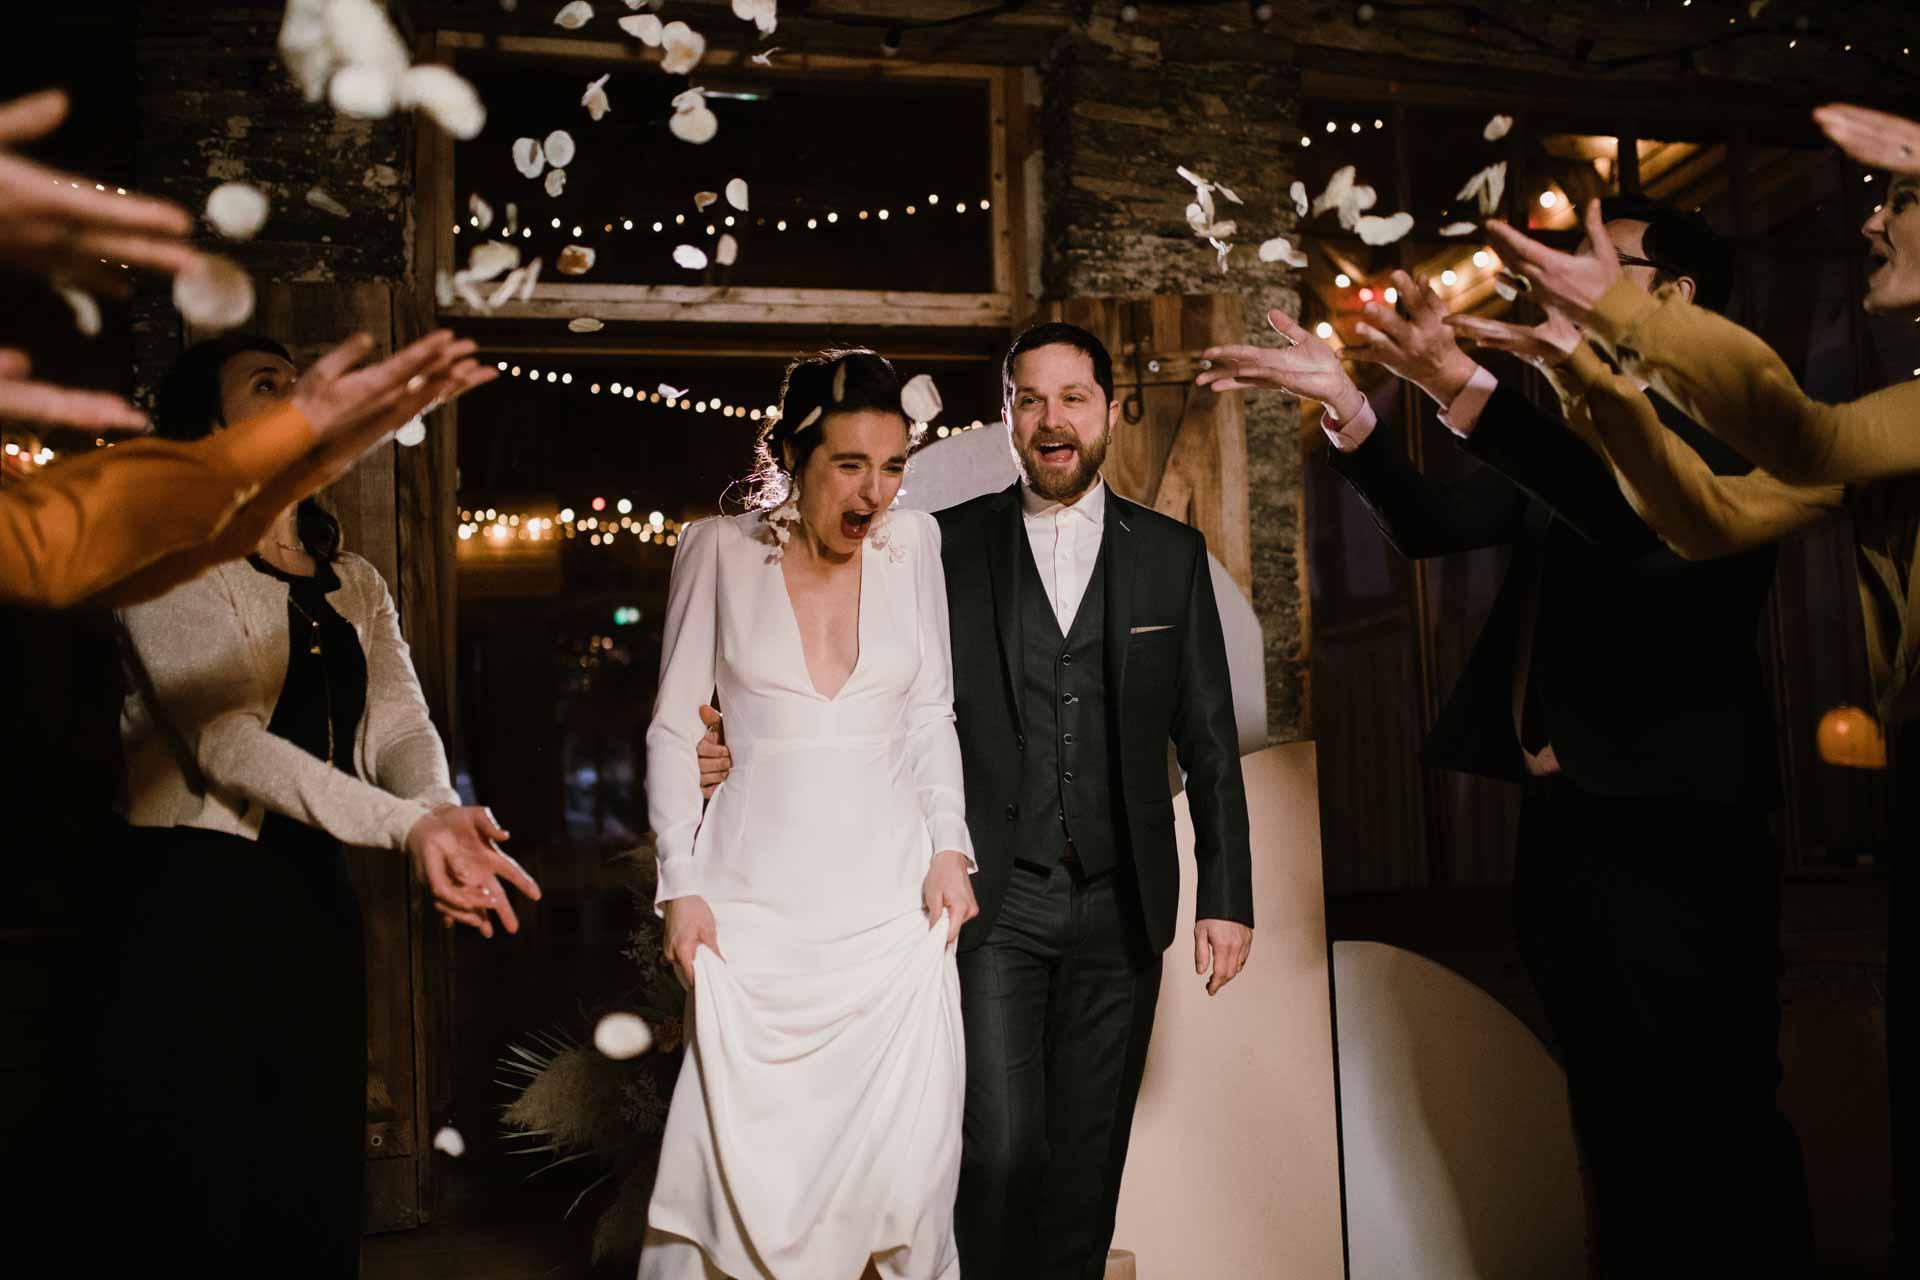 ceremonie de mariage invites famille